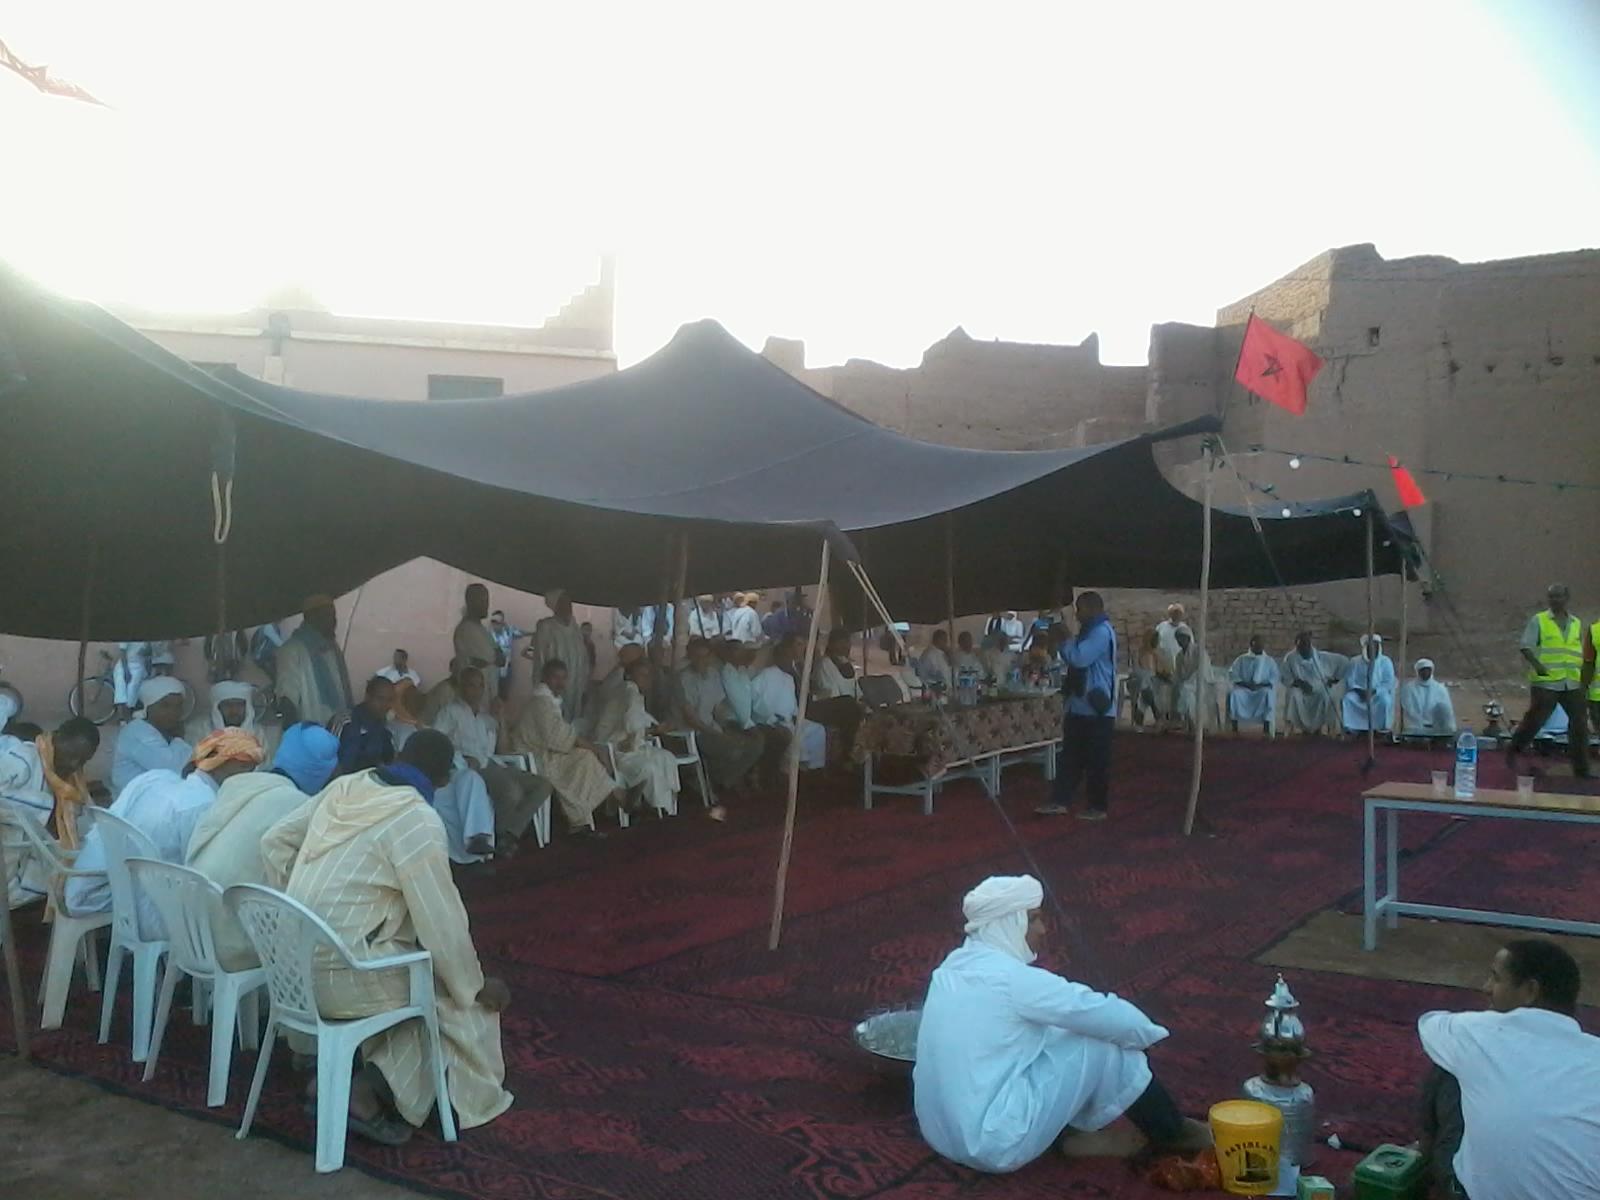 جمعية قصر امحاميد الغزلان للثقافة والتنمية والشؤون الإجتماعية تنظم حفلا اجتماعيا وتربويا